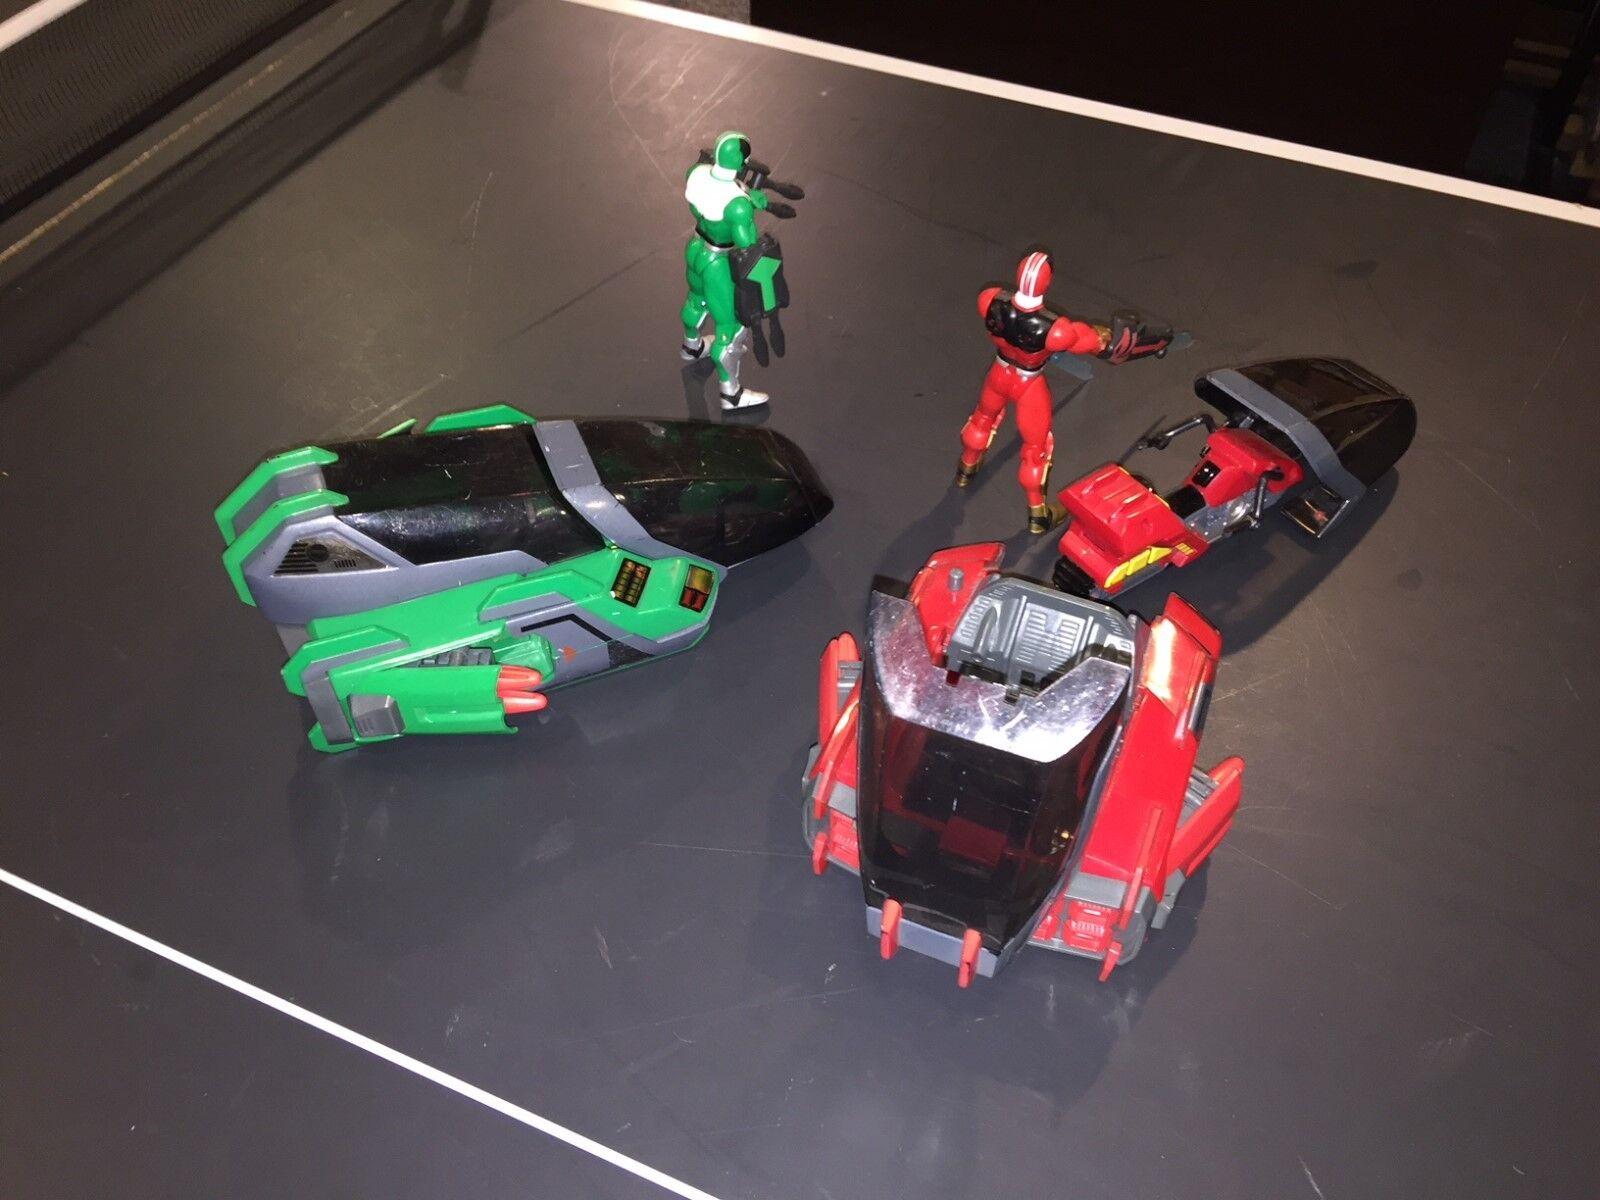 Power Rangers Lost Galaxy Red & Green Ranger Galactic Speeder Speeder Speeder Vehicles (2) Set 476711